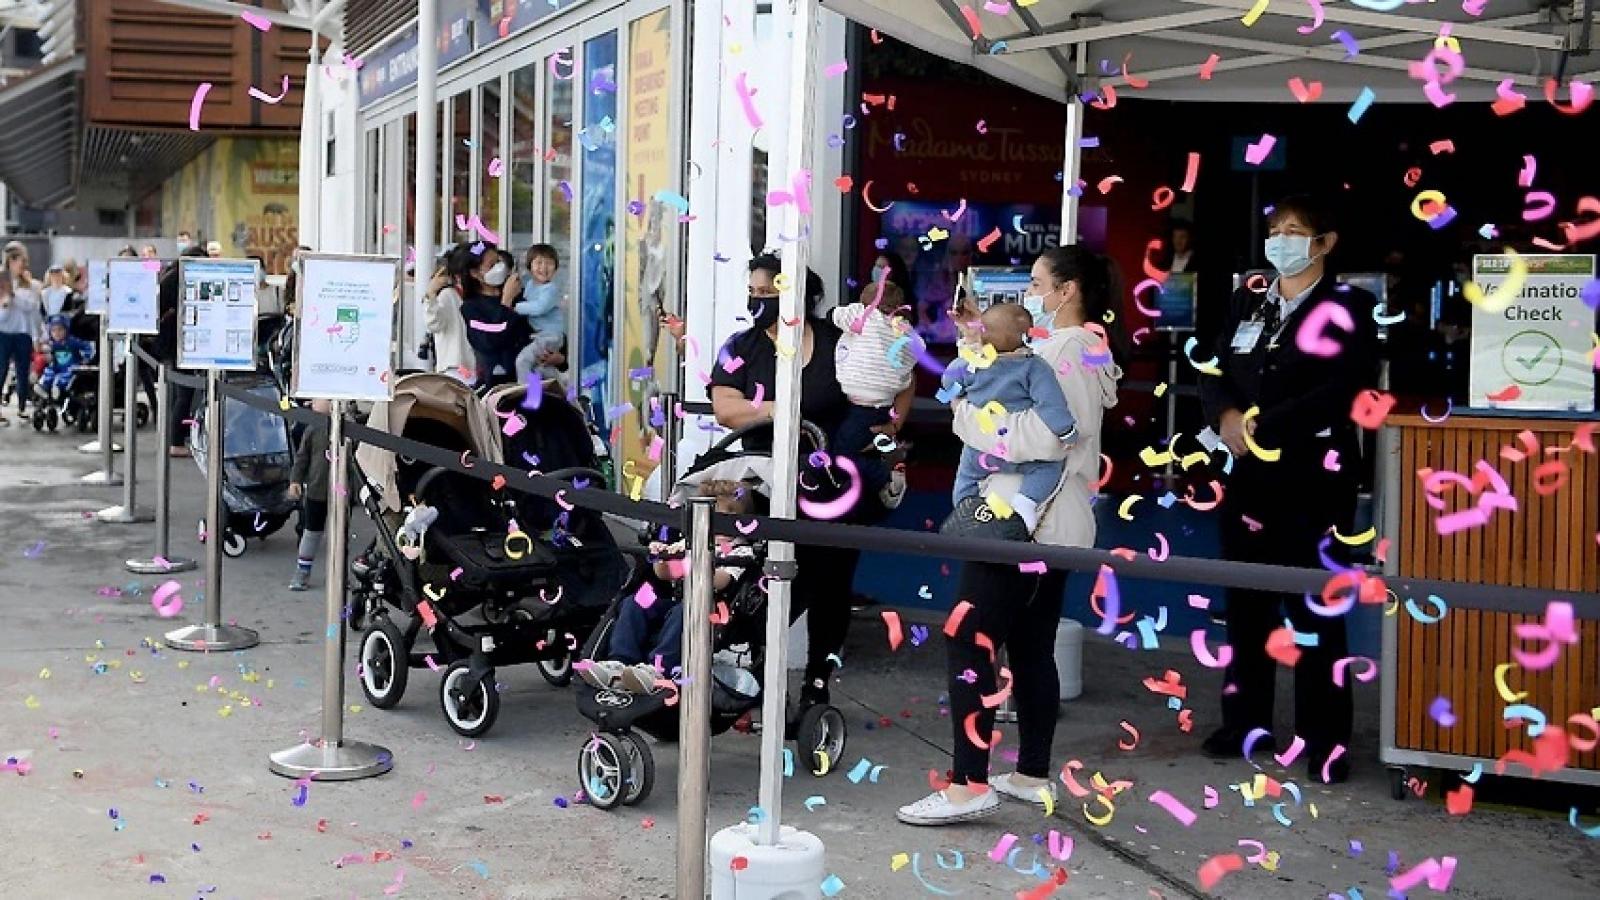 Đạt mốc tiêm chủng 80%, bang đông dân nhất Australia chuyển sang giai đoạn mở cửa mới